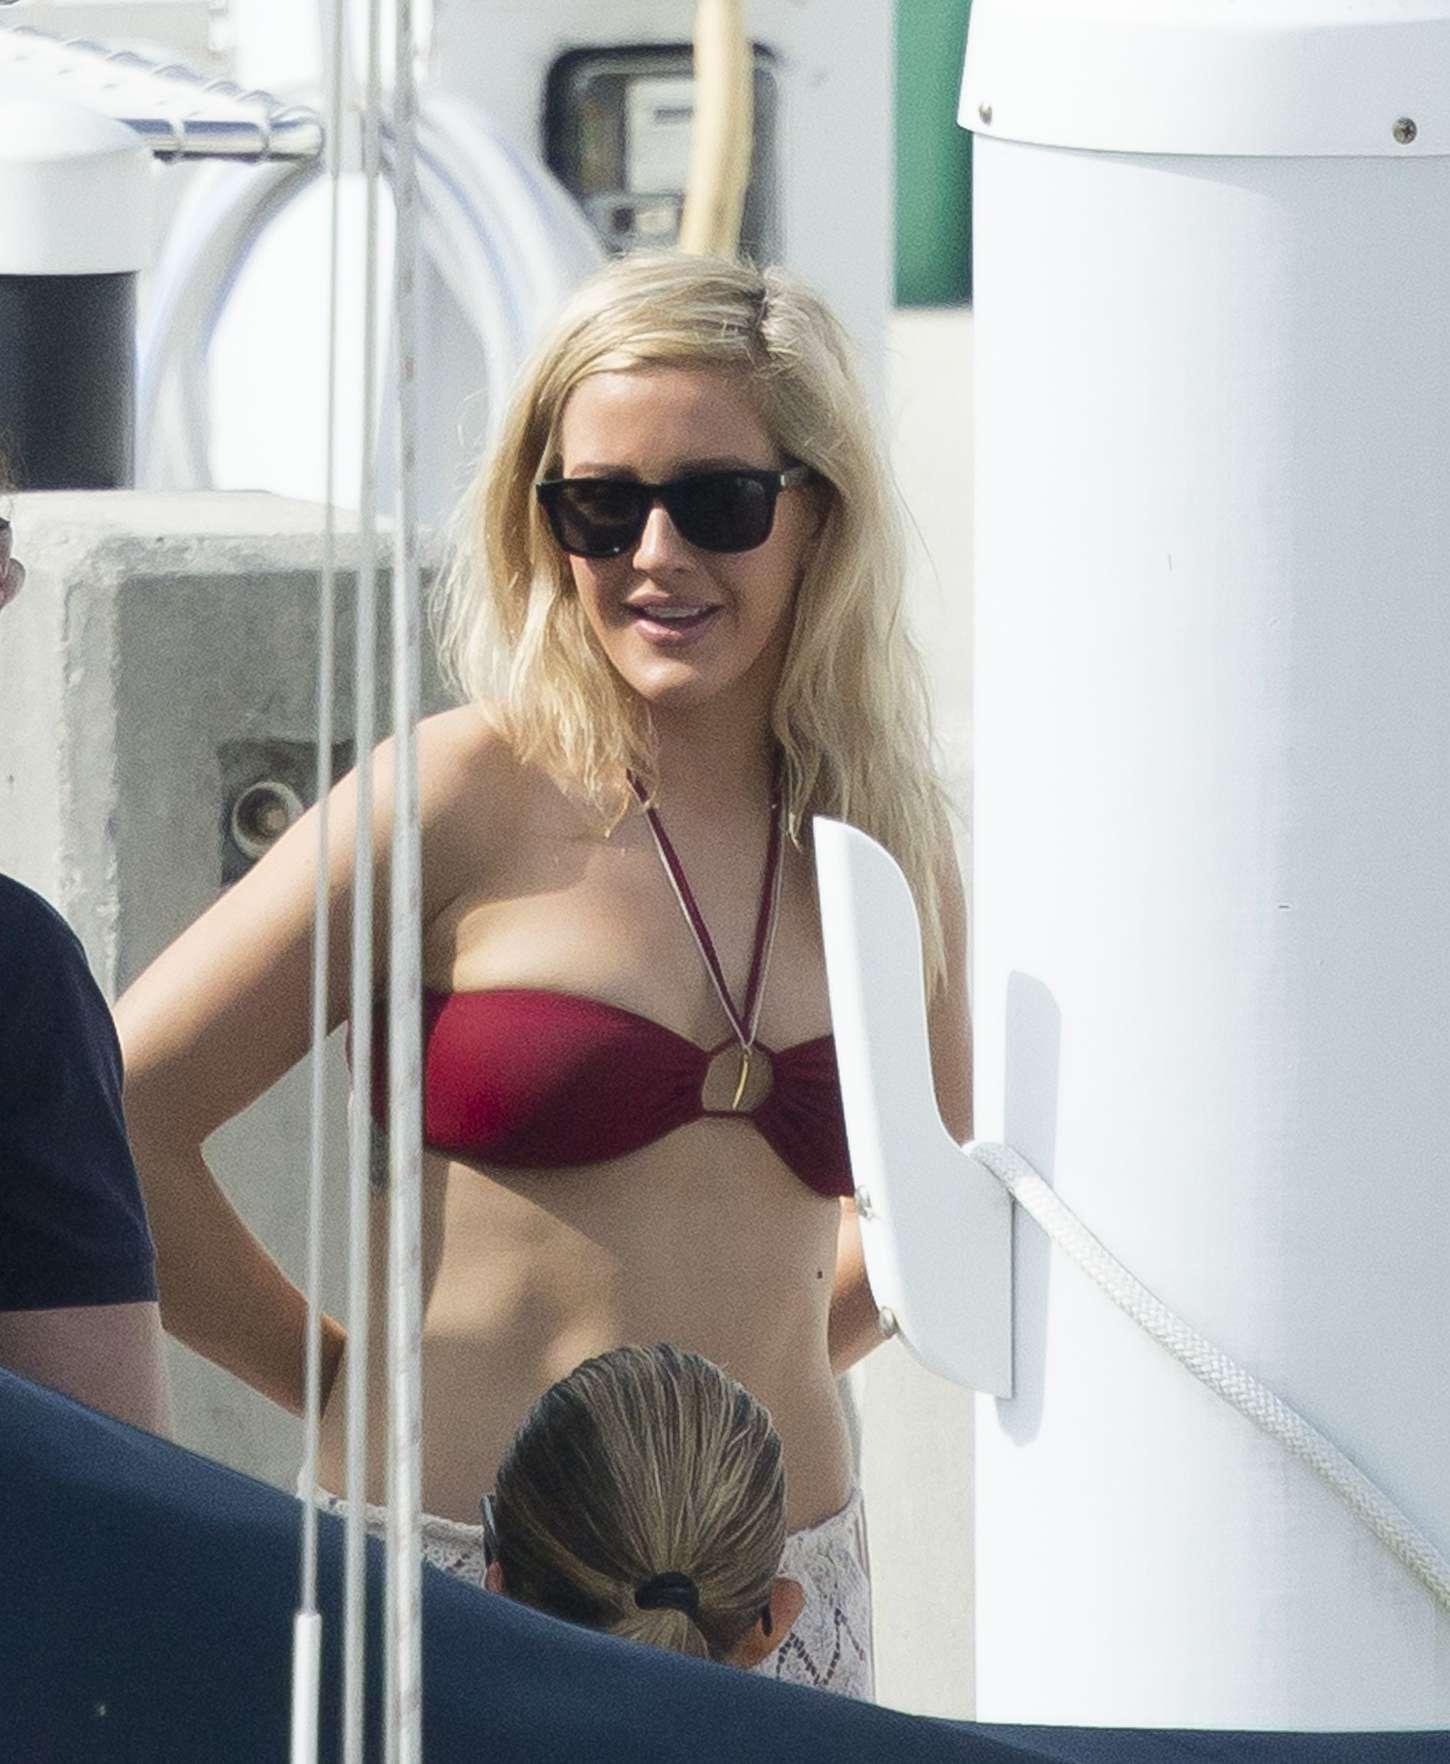 Ellie Goulding 2015 : Ellie Goulding in Red Bikini -25